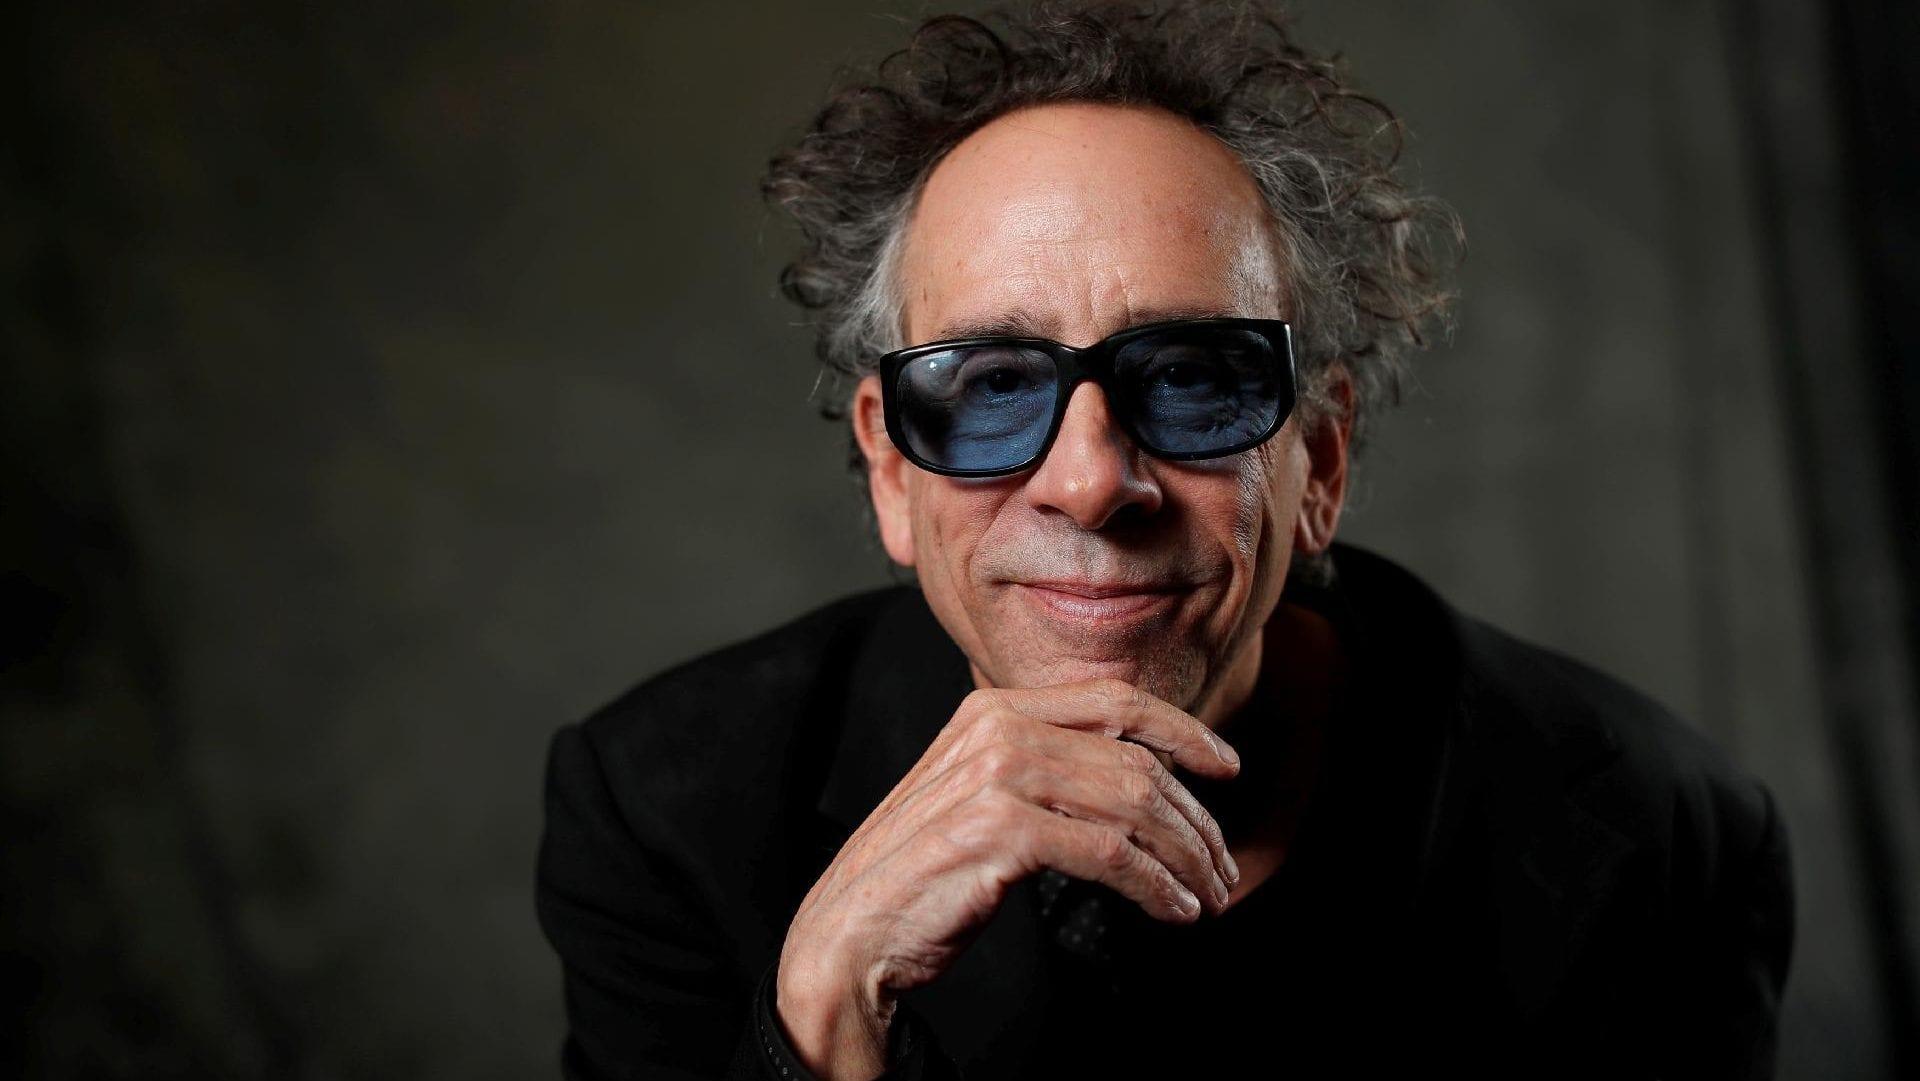 Tim Burton, quem é? Biografia, carreira e principais filmes  do diretor